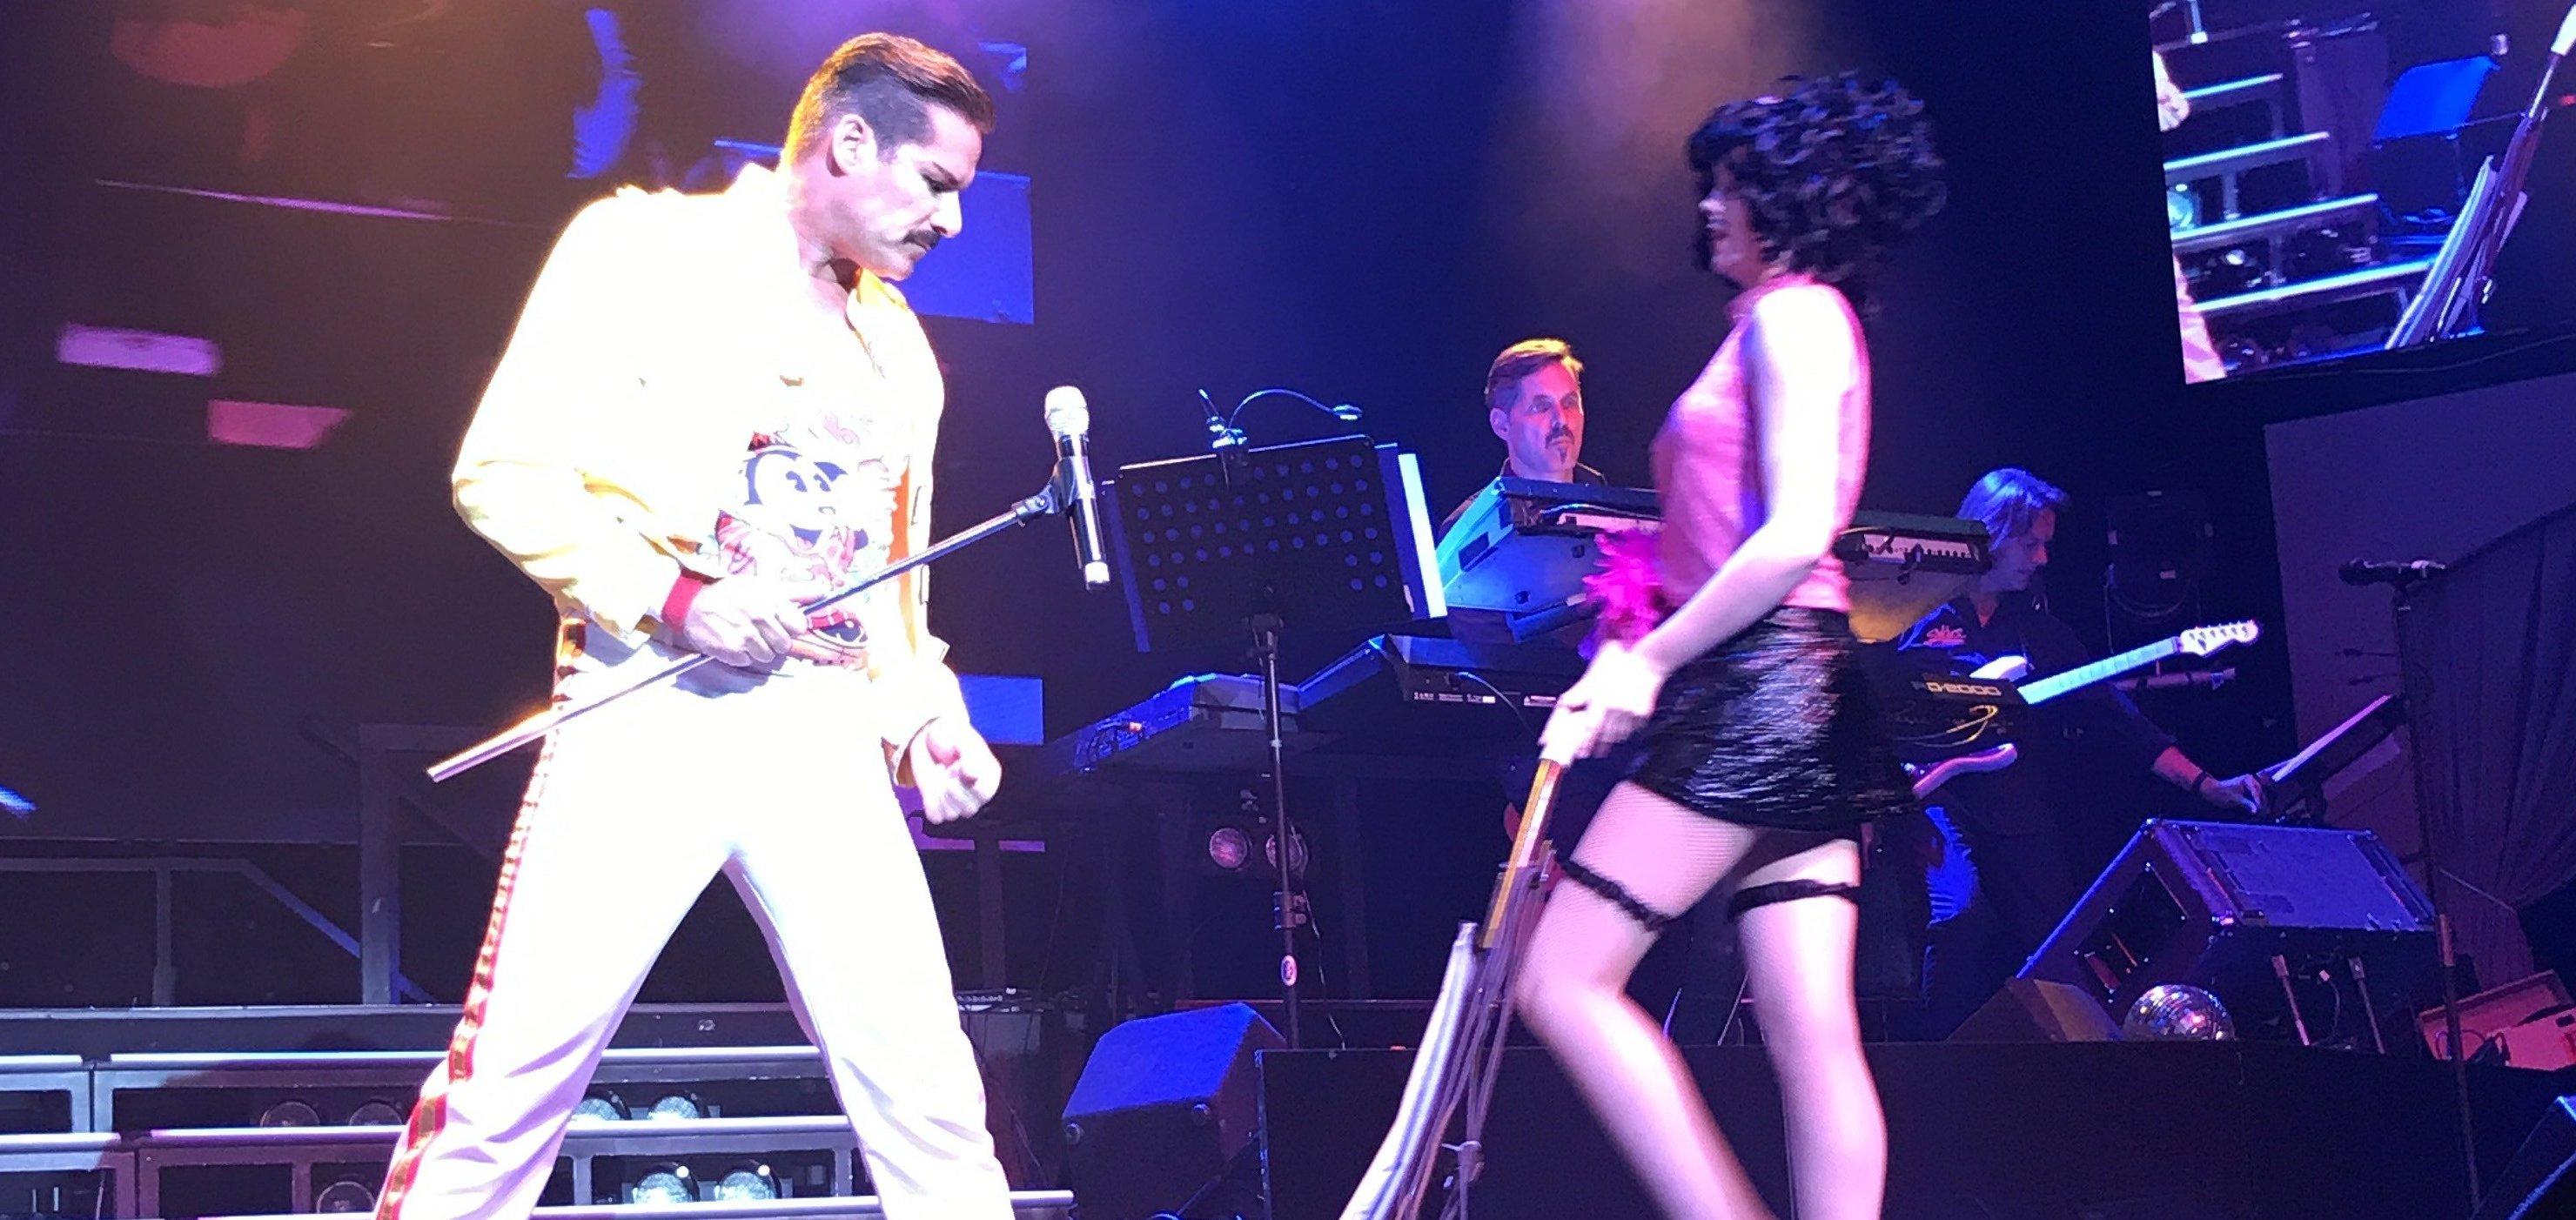 Stars in concert – das 20 jährige Show-Jubiläum